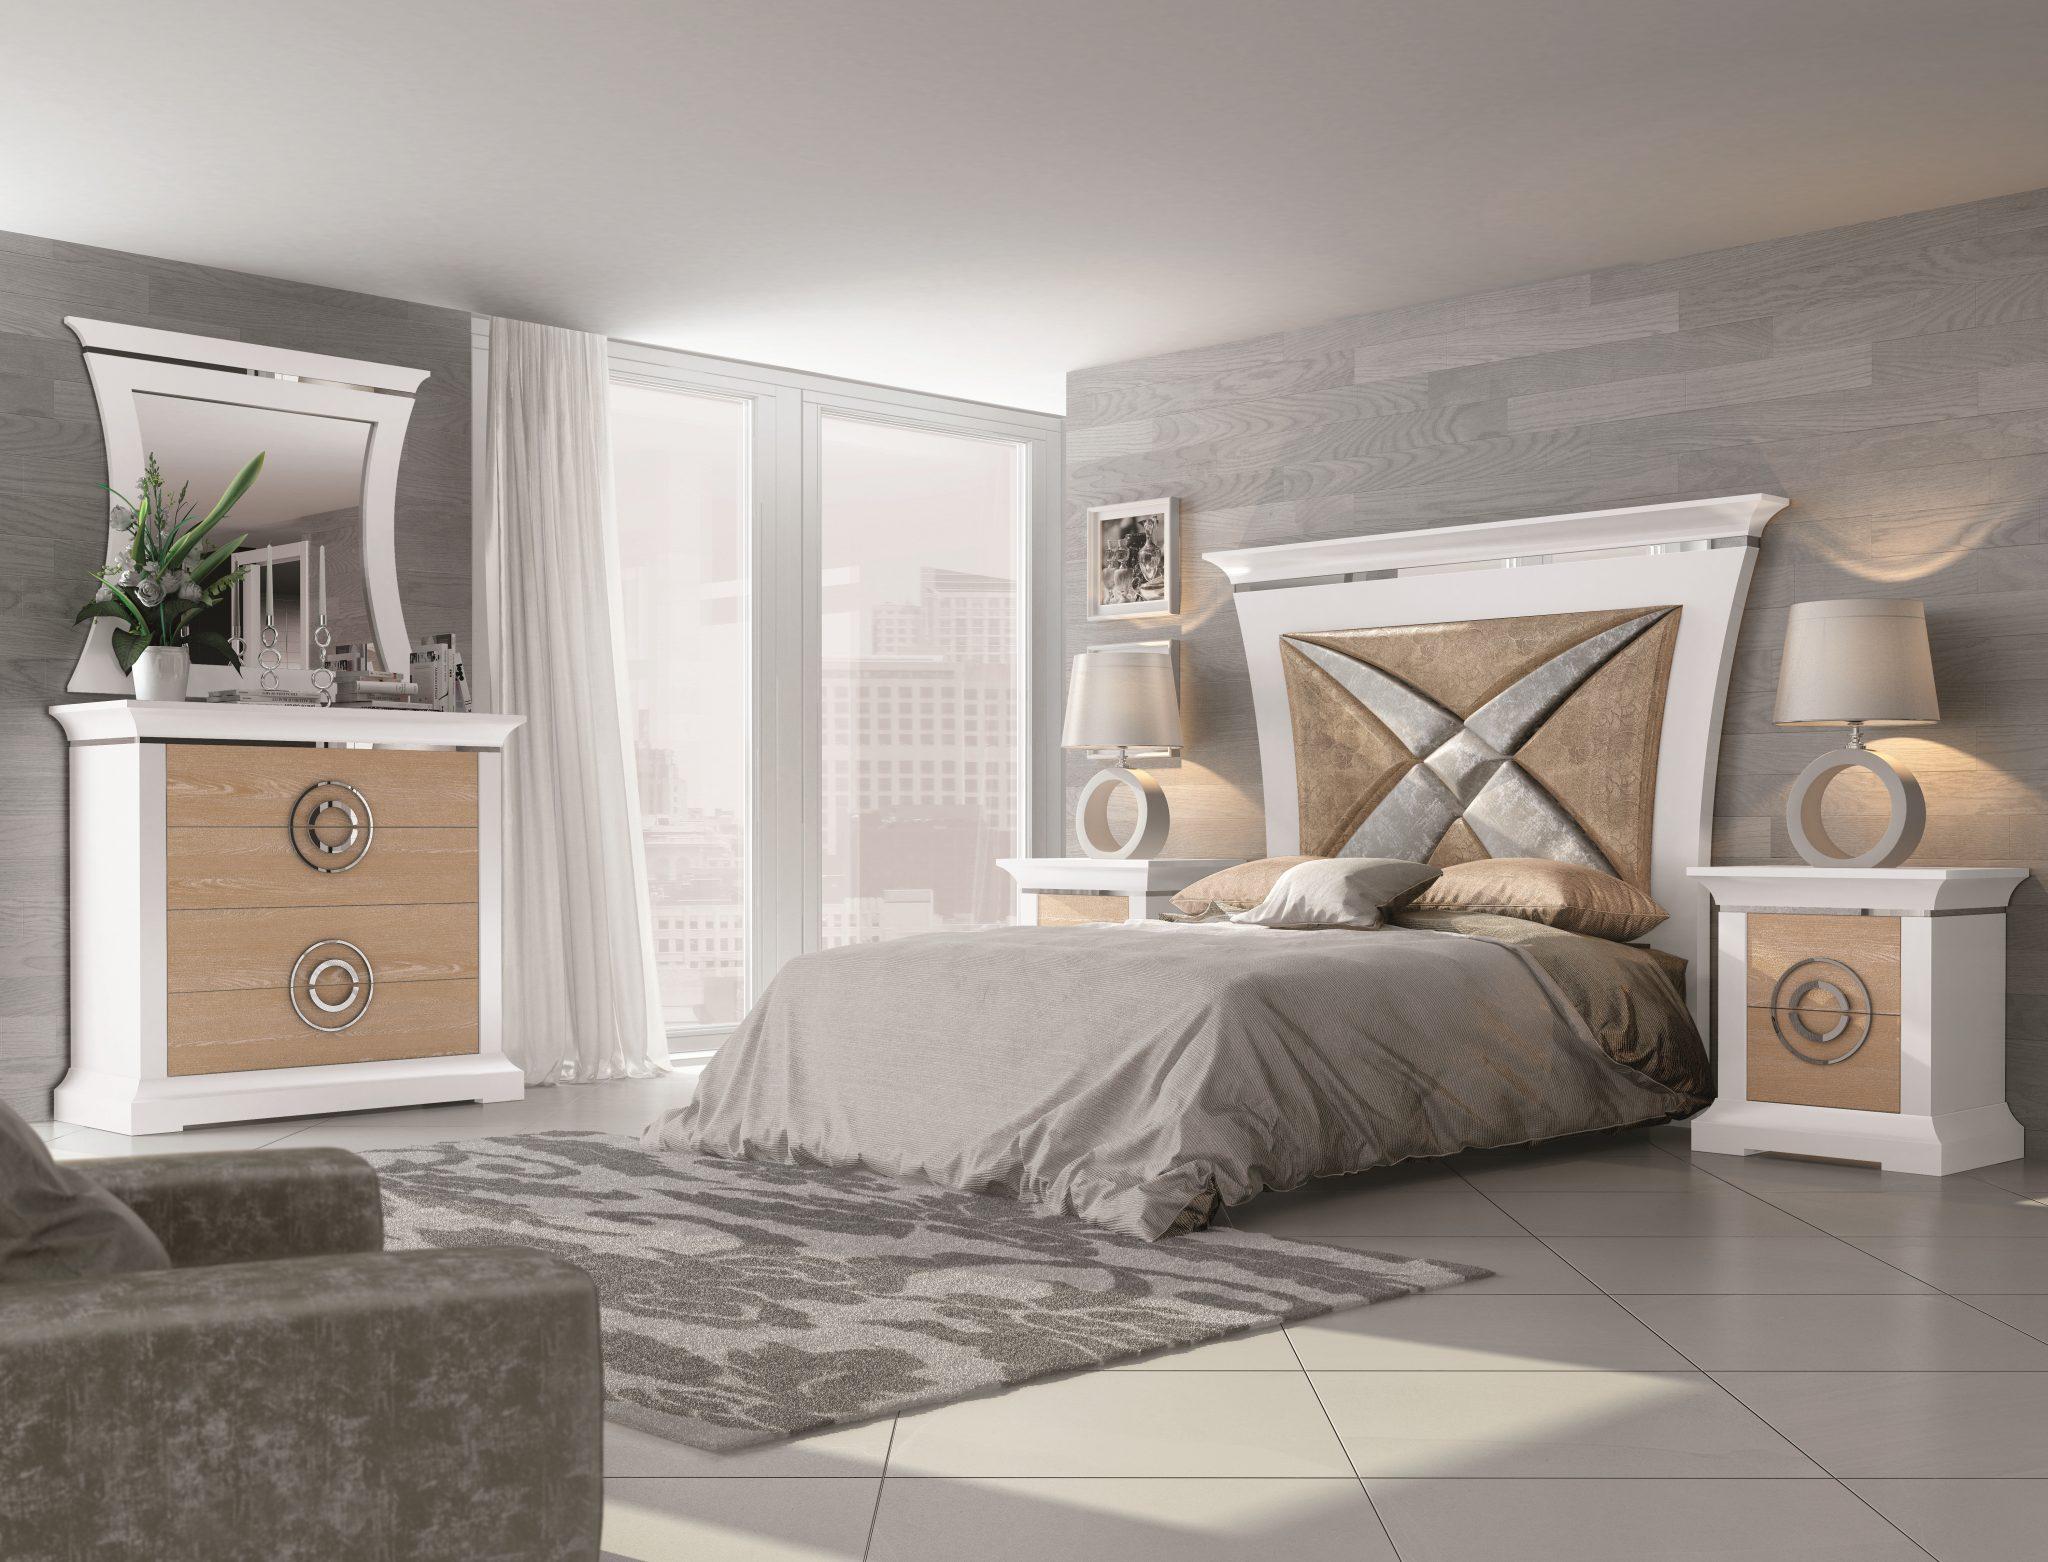 GRP-SPJ Dormitorio PREMIUM - Blanco, Roble Snow, Cromo, Fantasía círculos Oro yTiguer 9 (página 34) Variante 03 ALTA